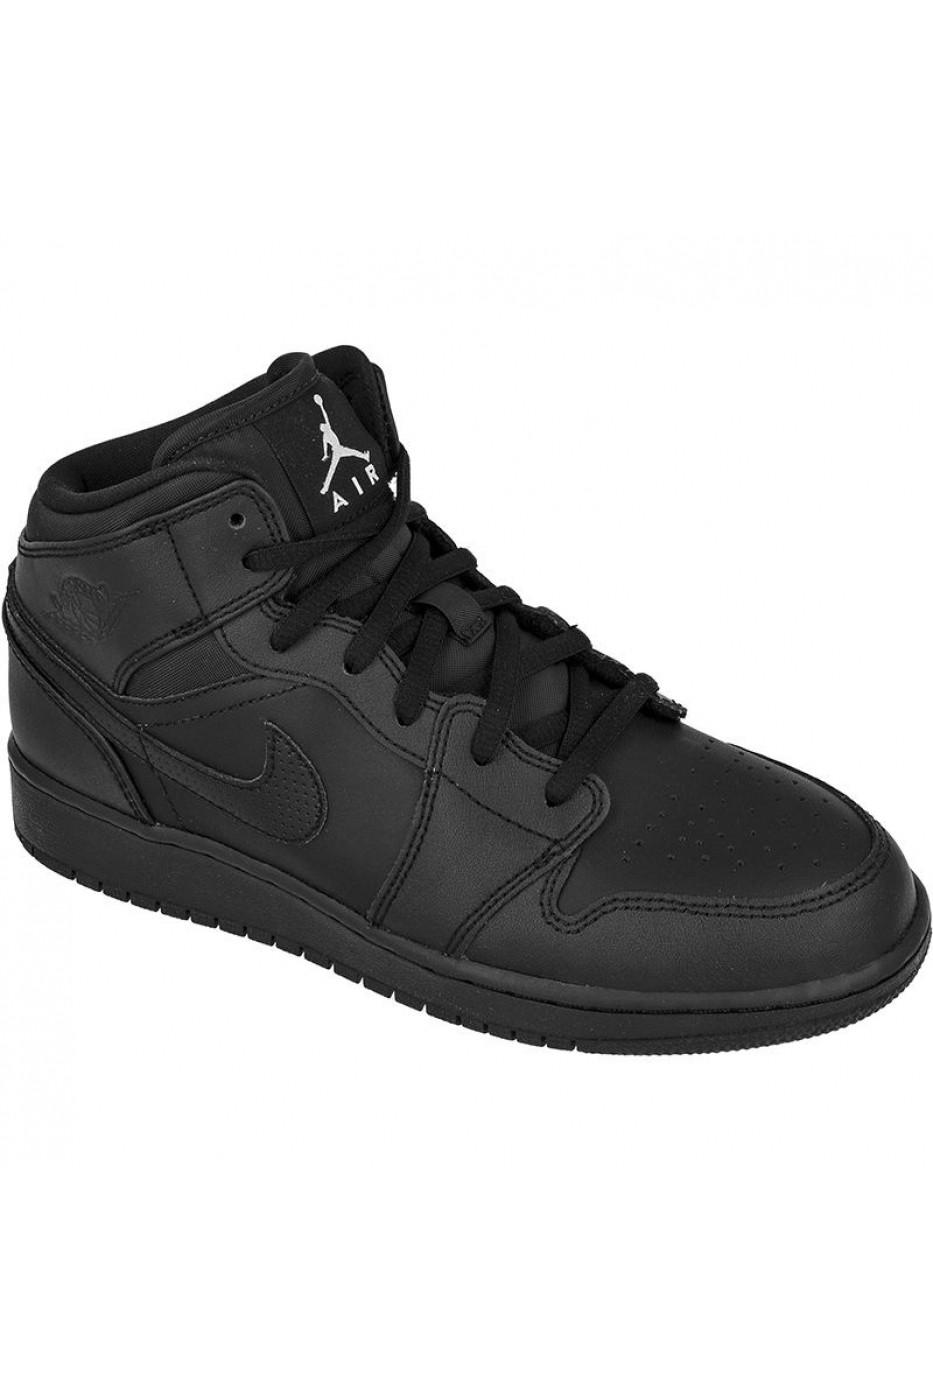 60f274dd50ddc7 Pantofi sport pentru copii Nike jordan ir Jordan 1 Mid Jr 554725-044 ...